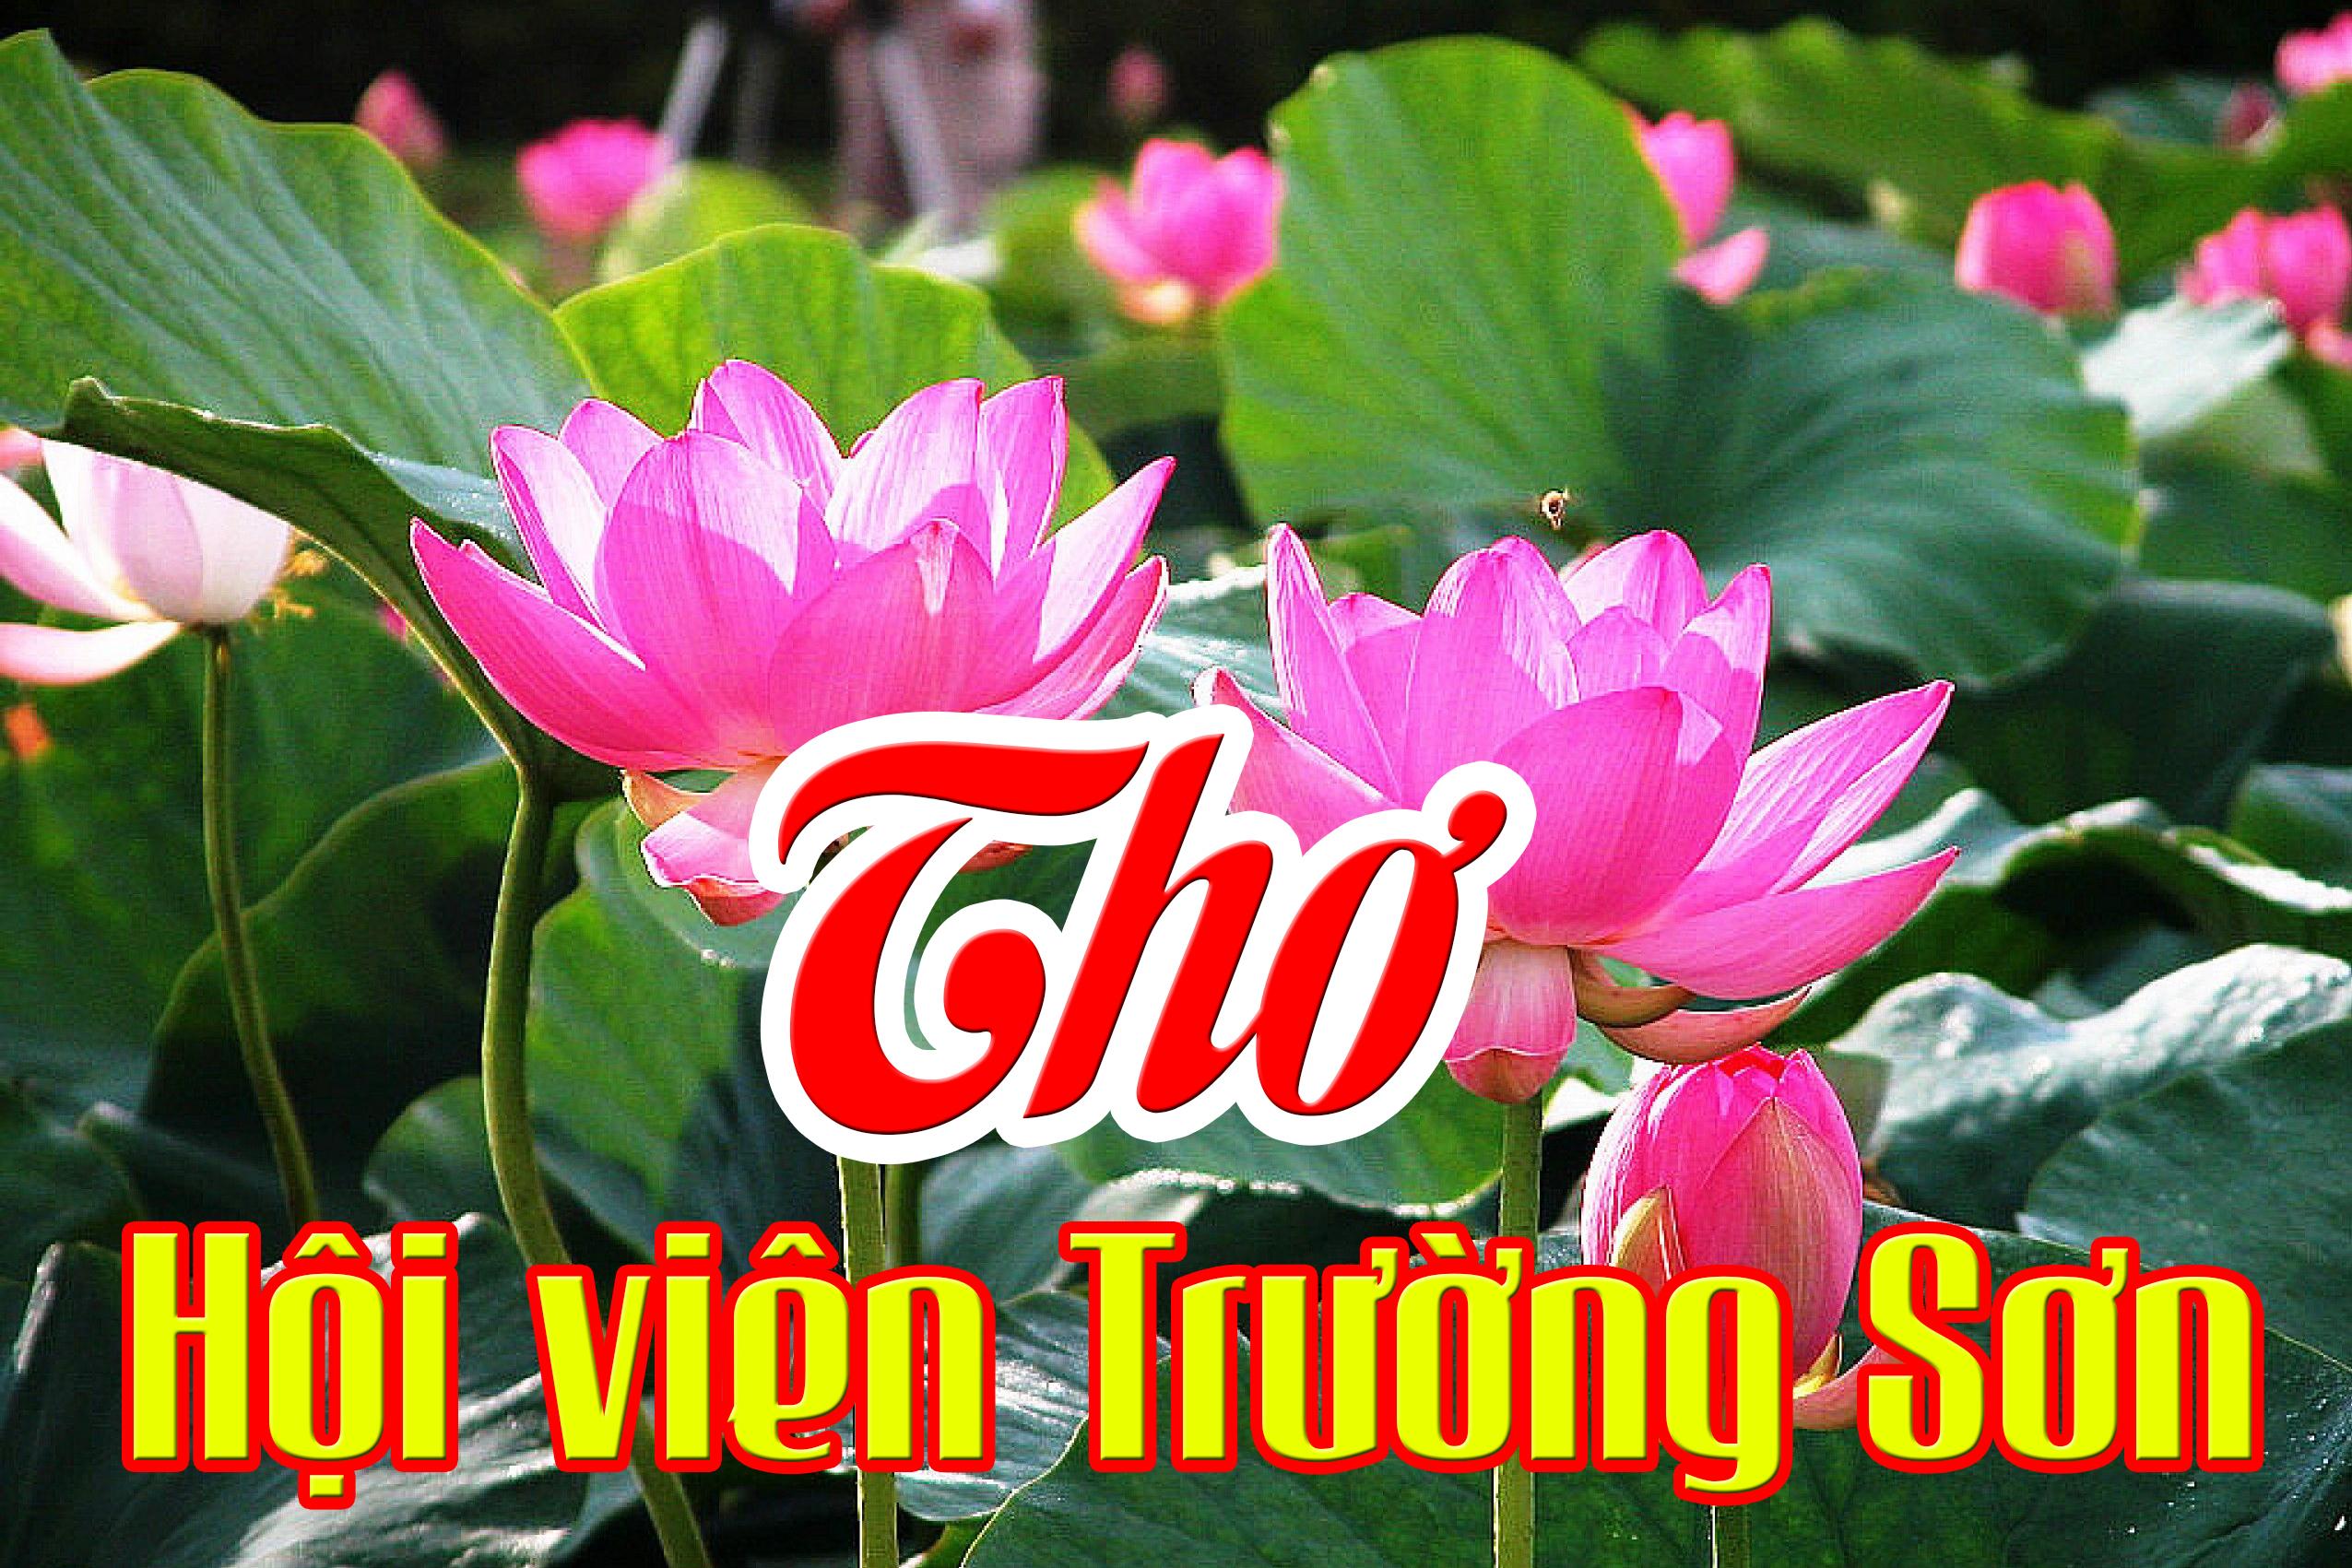 Chùm thơ Phạm Tiến Đặng